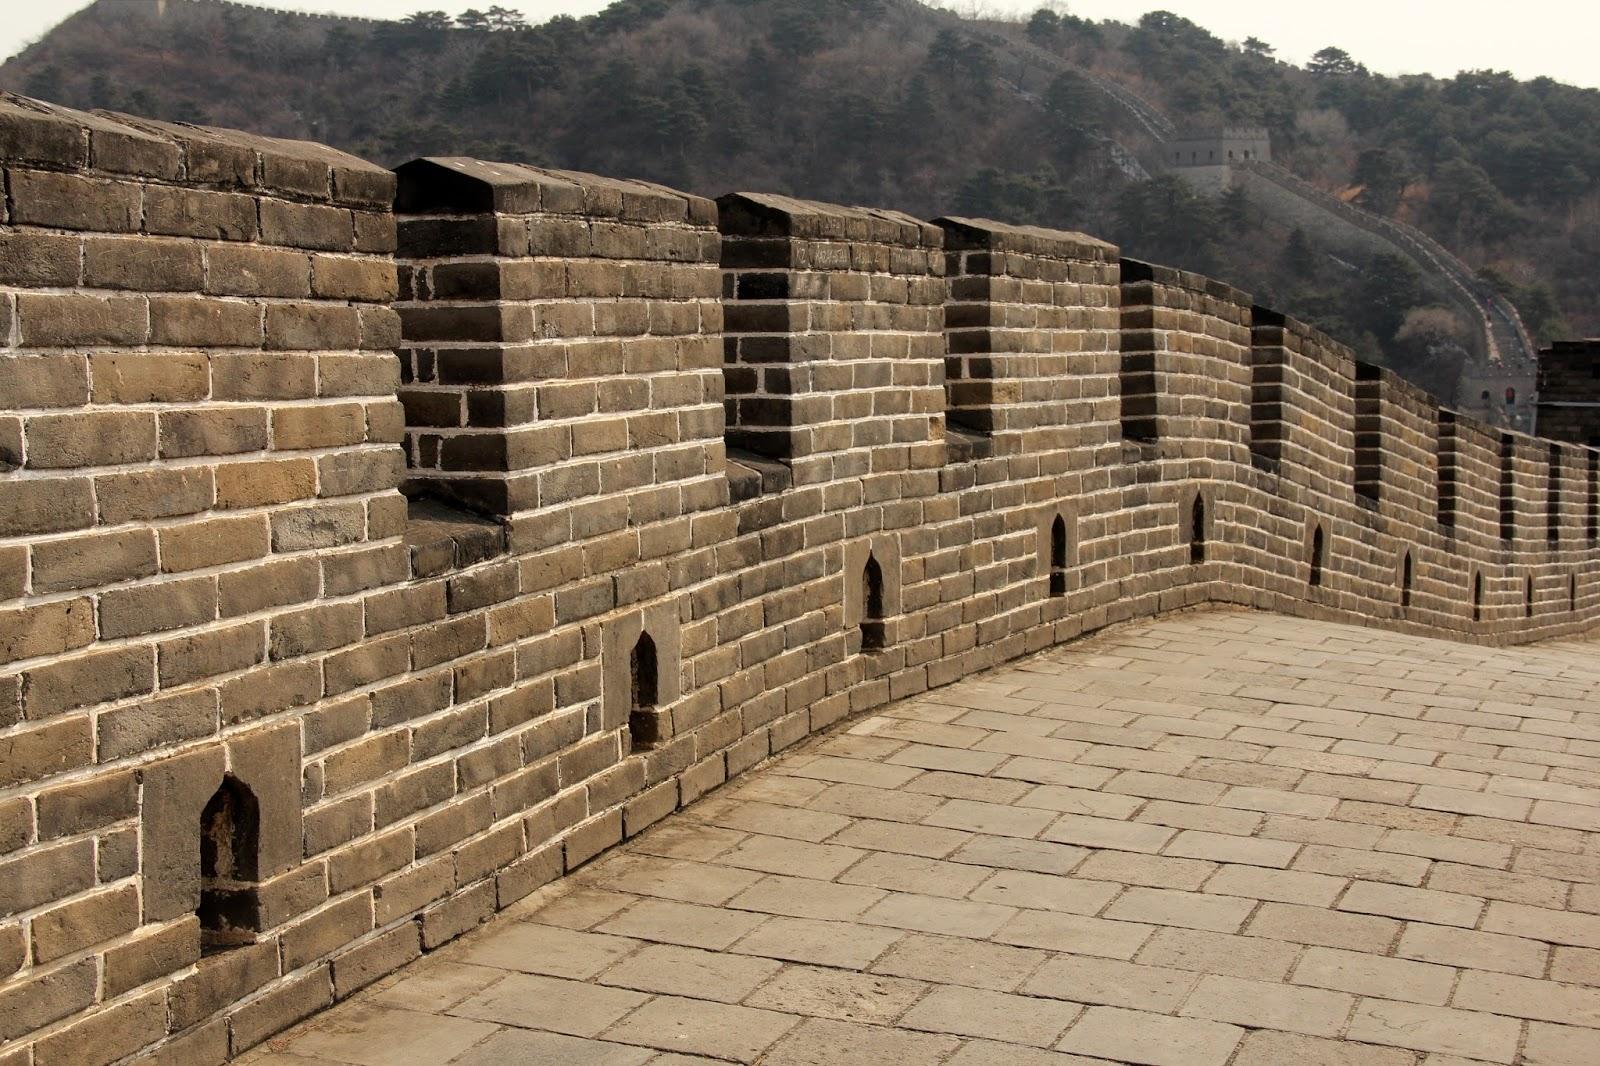 Visão interna da Muralha da China, ilustra a seção sobre textos das linhas de T'ai / Paz, um dos 64 hexagramas do I Ching, o Livro das Mutações